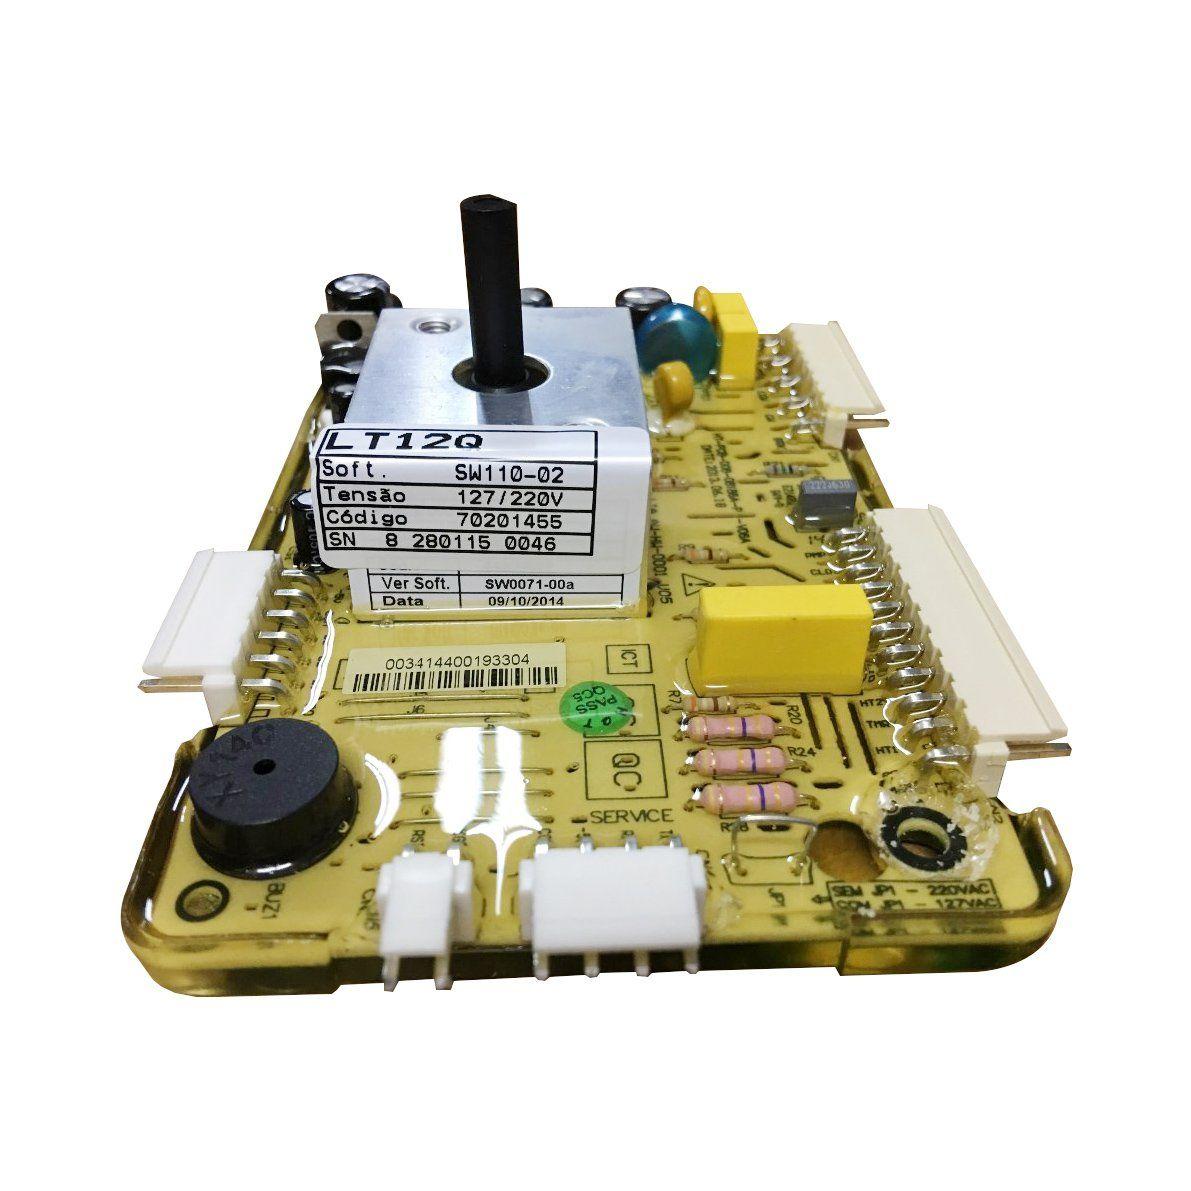 Placa Potencia Lavadora Electrolux  Lt12Q